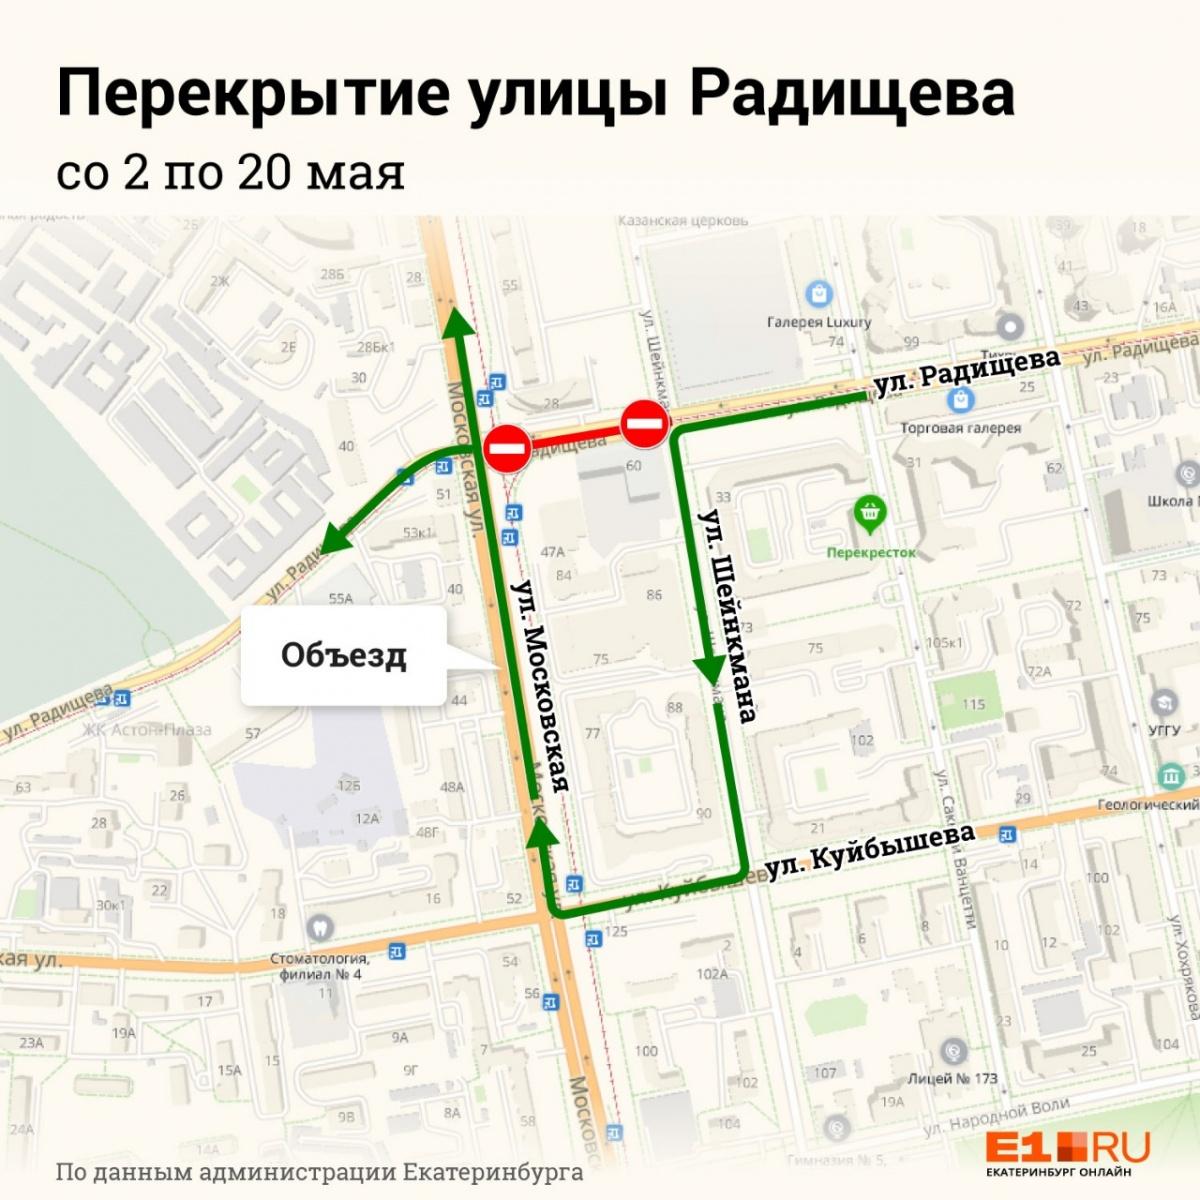 Участок улицы Радищева закроют для автомобильного движения, чтобы проложить трубы